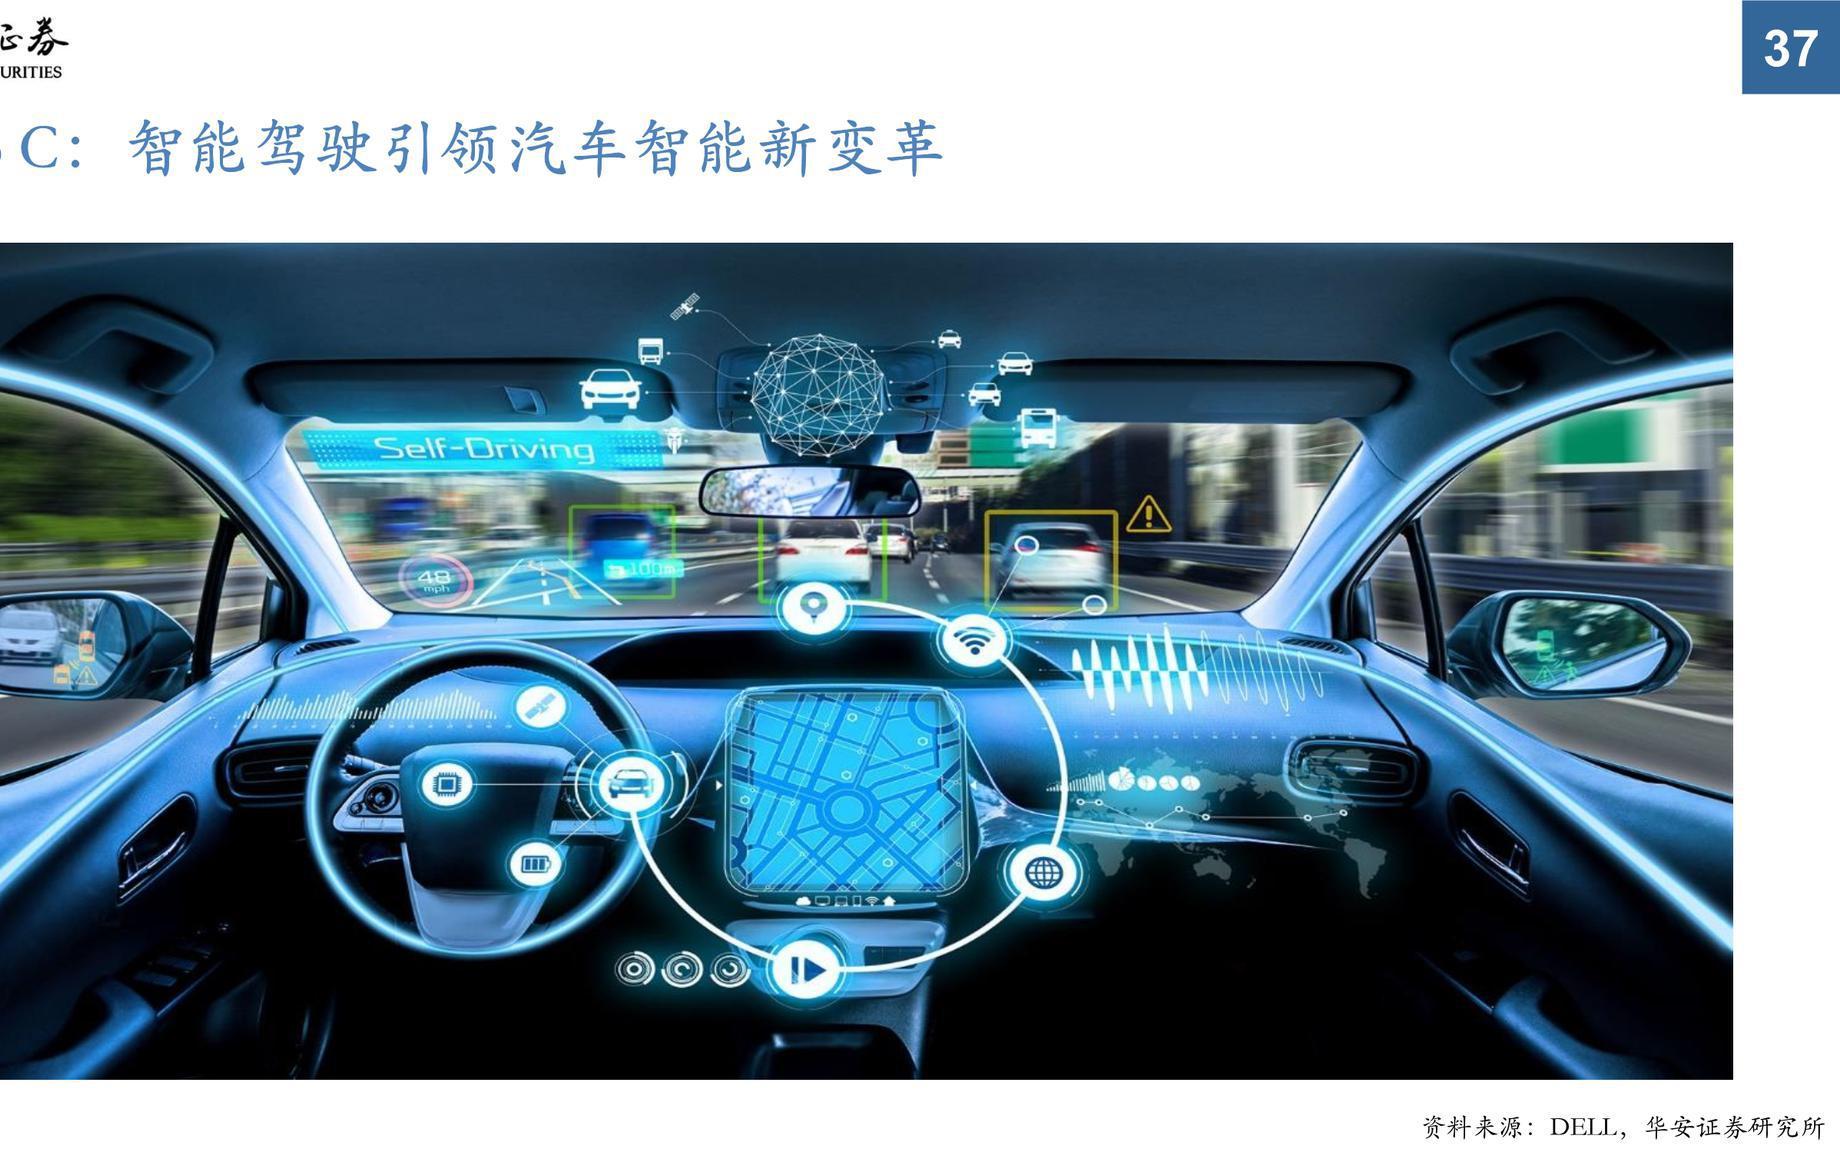 计算机数据产业专题研究报告:数据为王新时代,战略科技乘风起